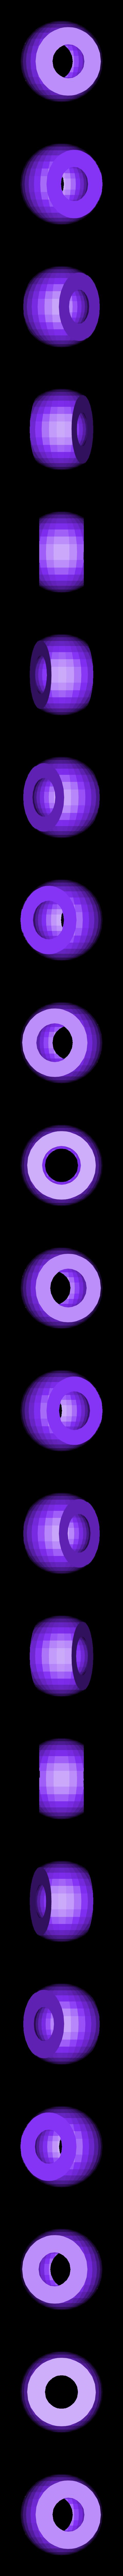 Rings_2.stl Télécharger fichier STL gratuit Anneau tournant multicolore jouet • Plan pour imprimante 3D, MosaicManufacturing